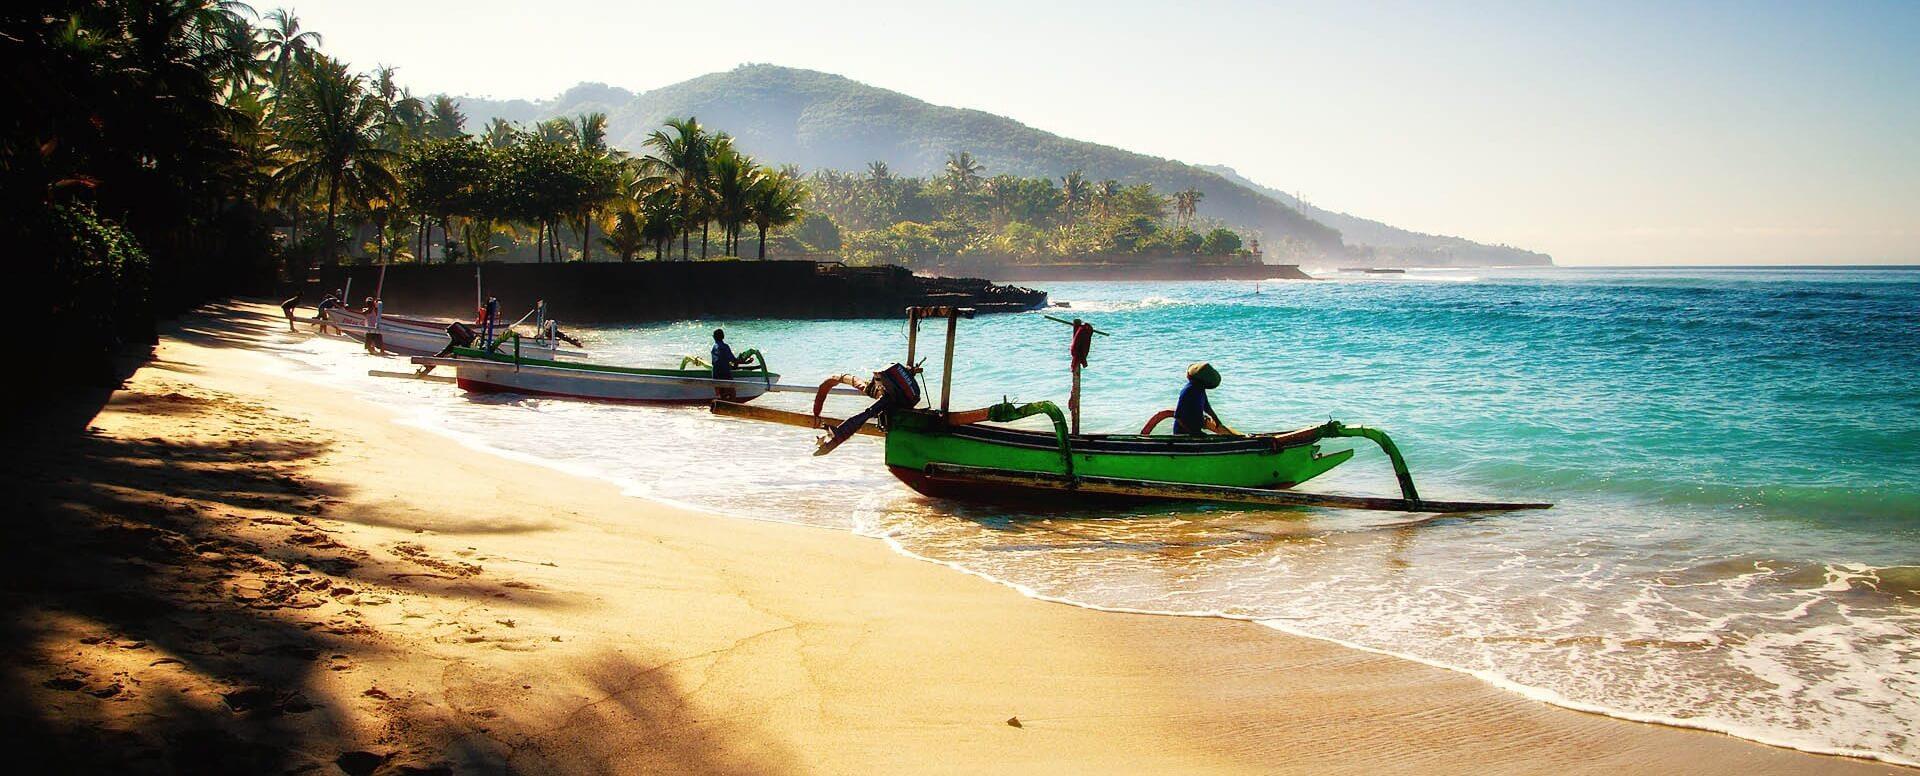 Les plus belles plages de Bali - Bali